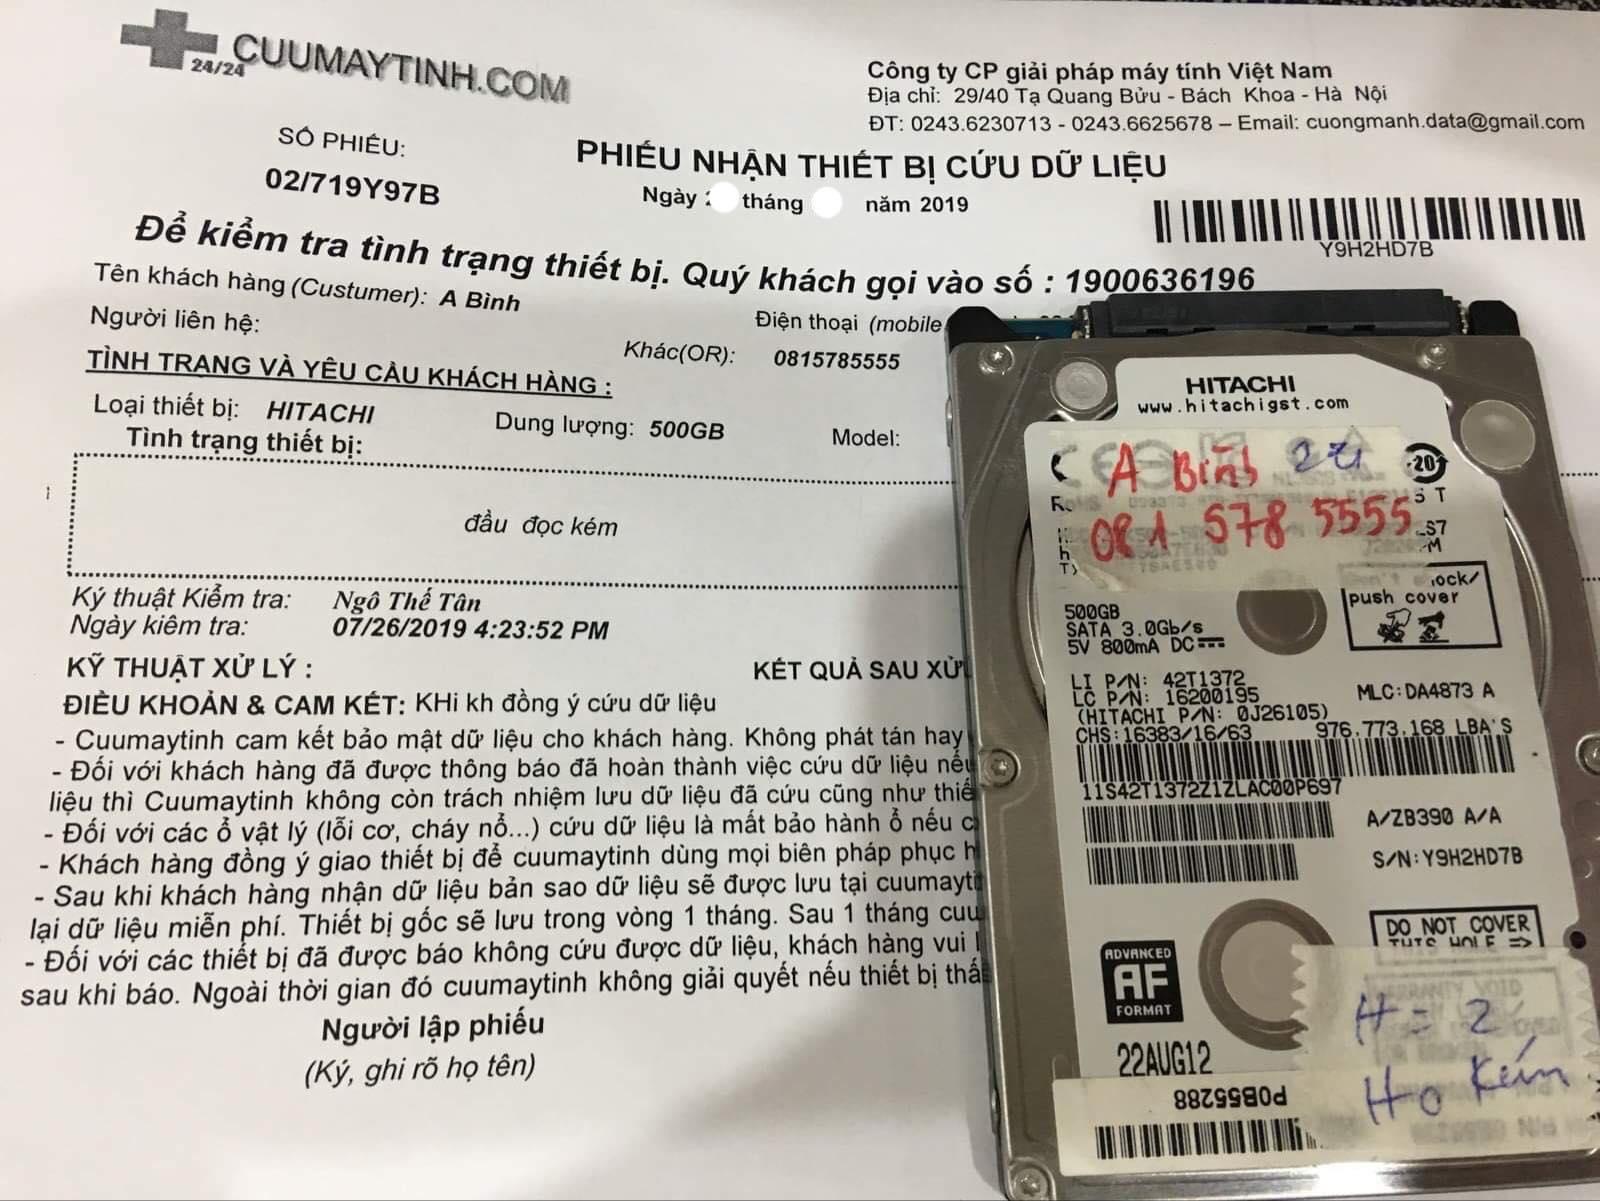 Cứu dữ liệu ổ cứng Hitachi 500GB đầu đọc kém 02/08/2019 - cuumaytinh